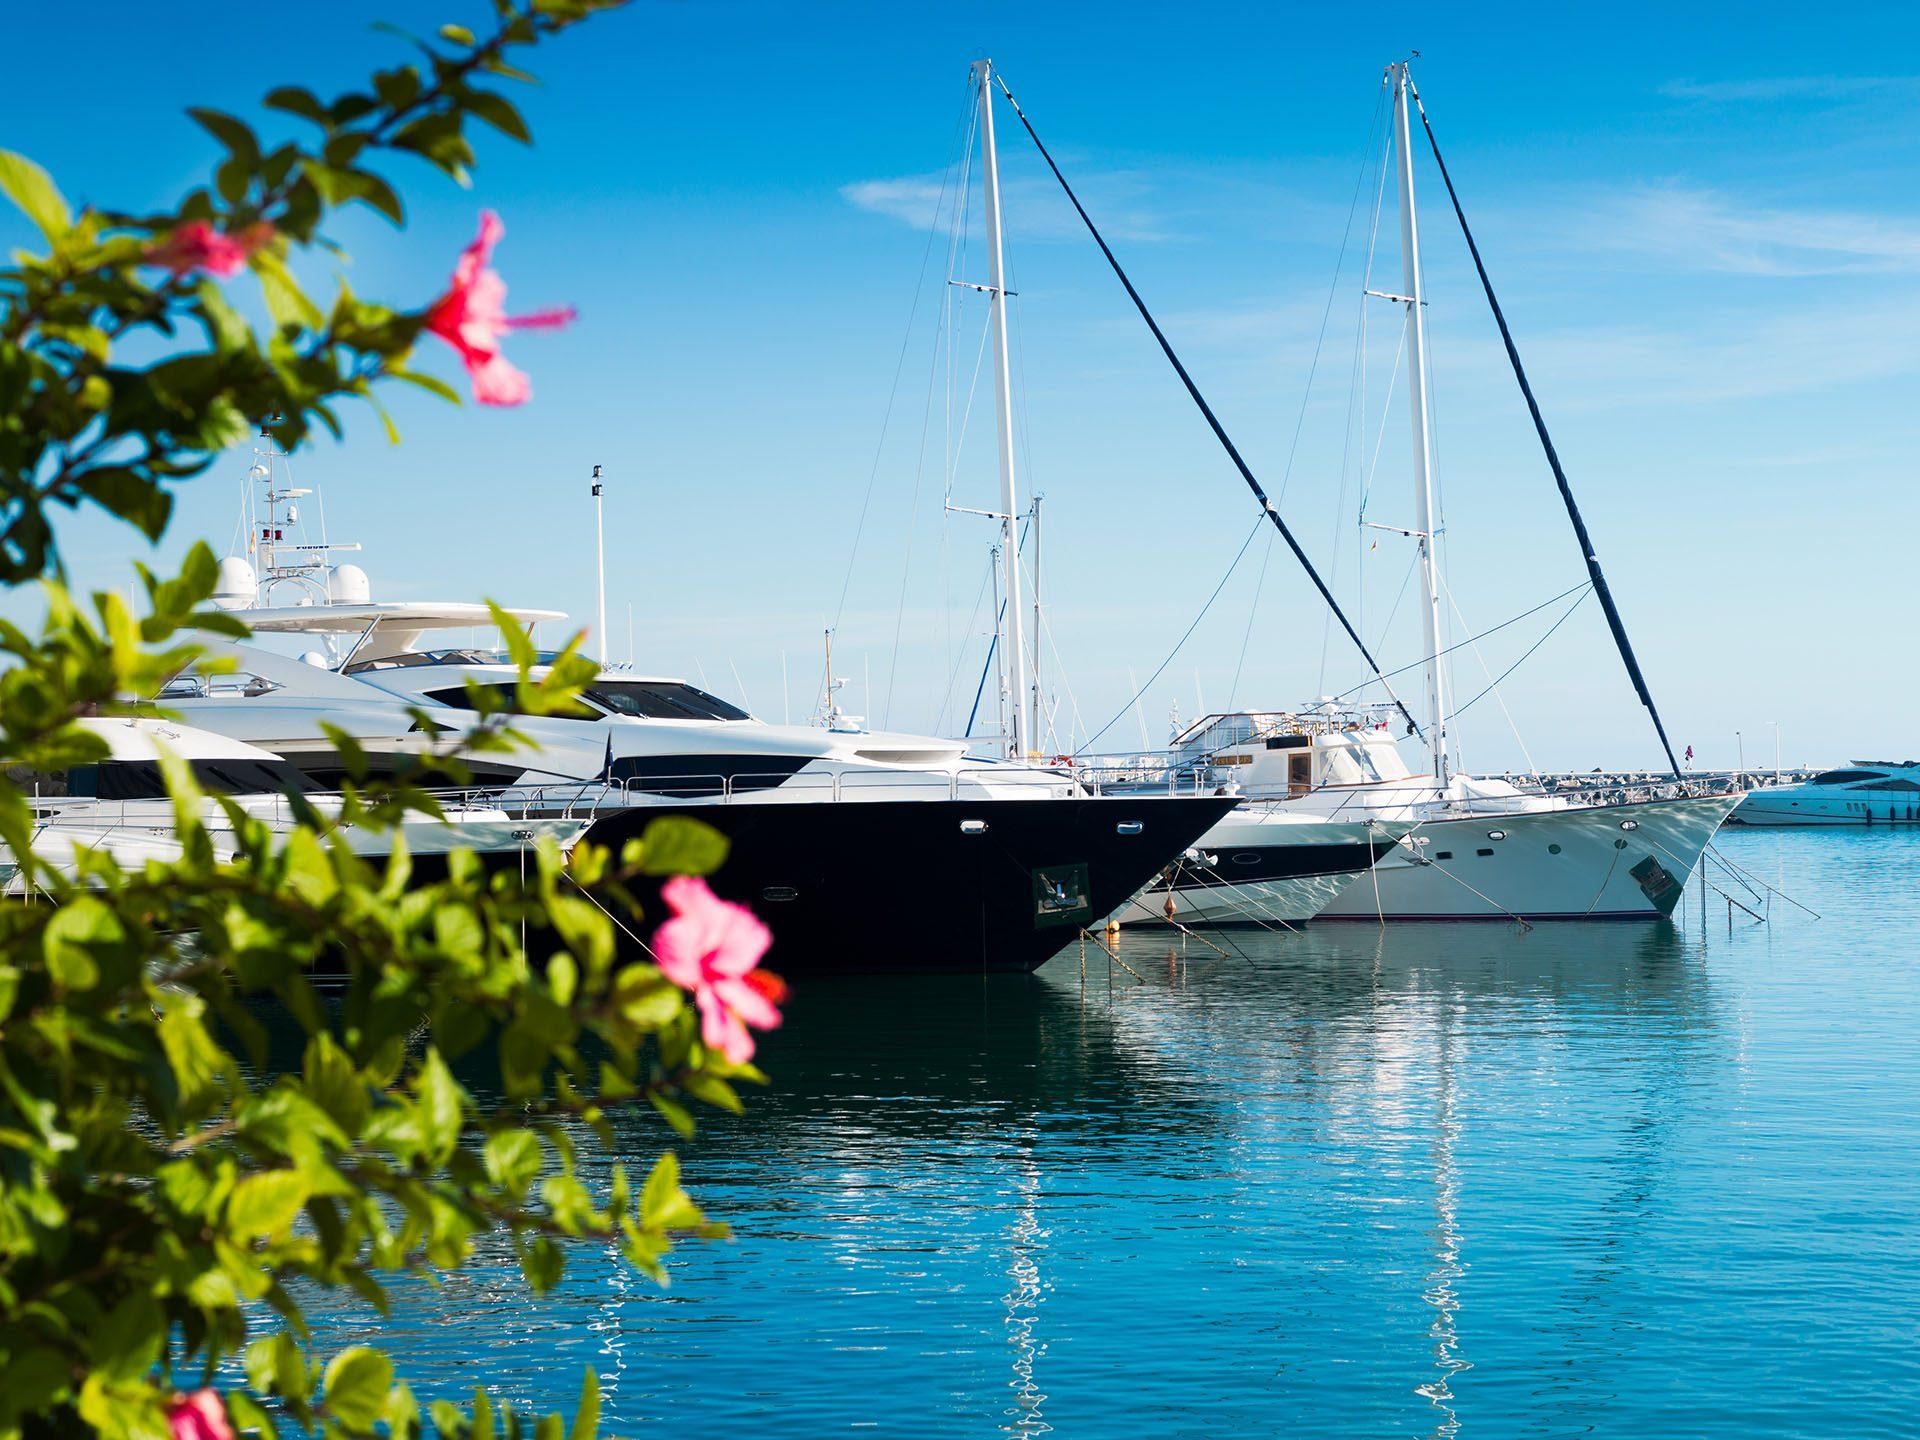 Puerto Deportivo Jose Banus, Marbella, Andalusia, Spain, Iberian Peninsula